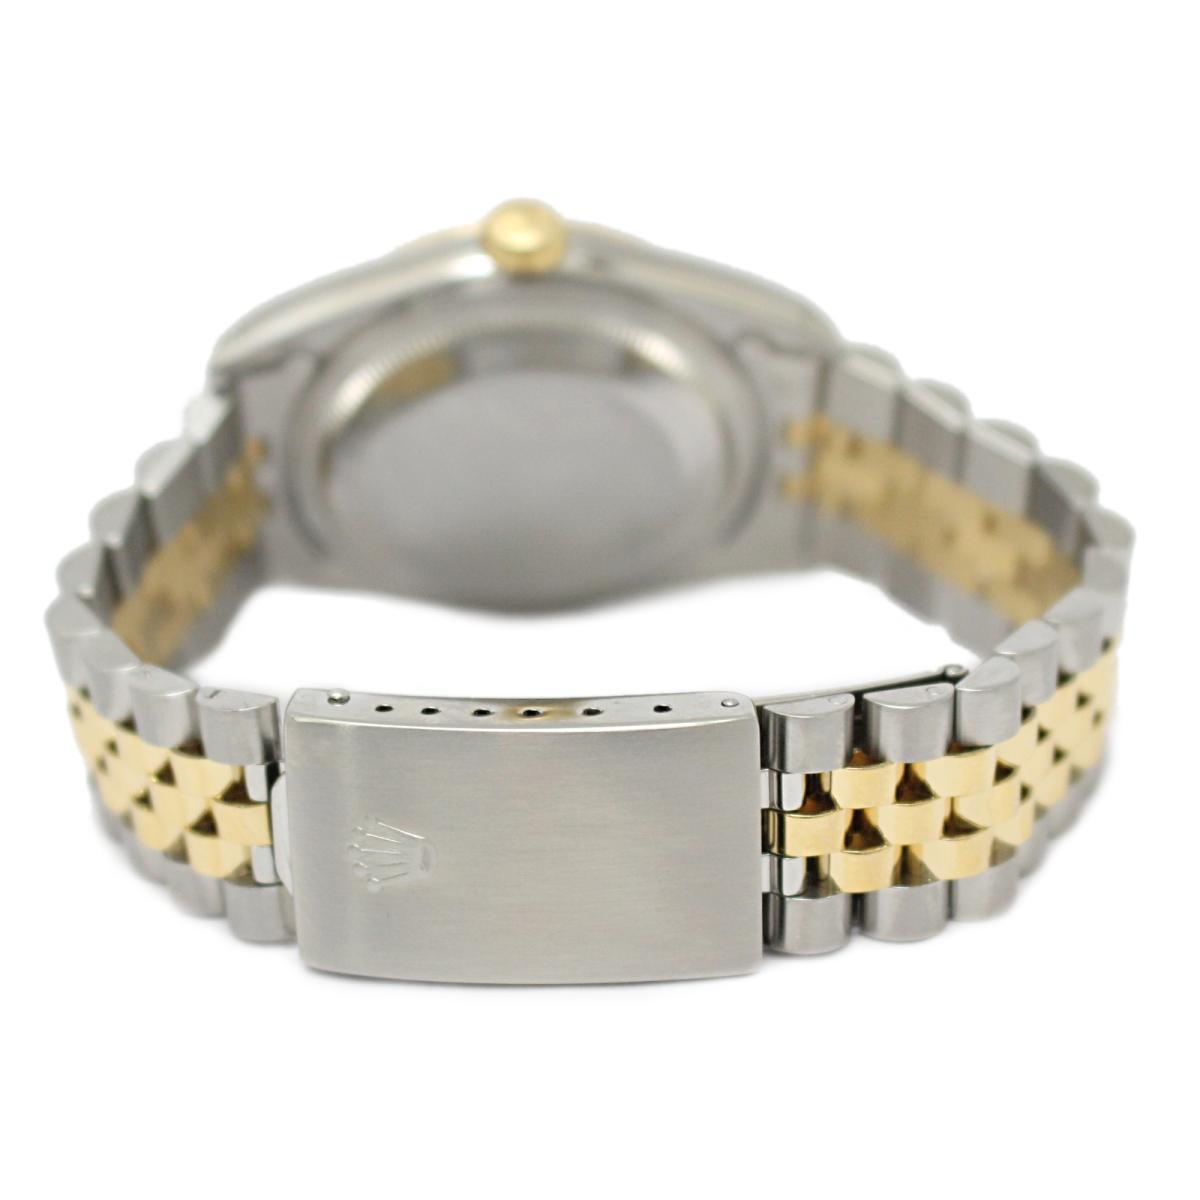 ROLEX 時計 16233 デイトジャスト メンズウォッチ 腕時計/人気